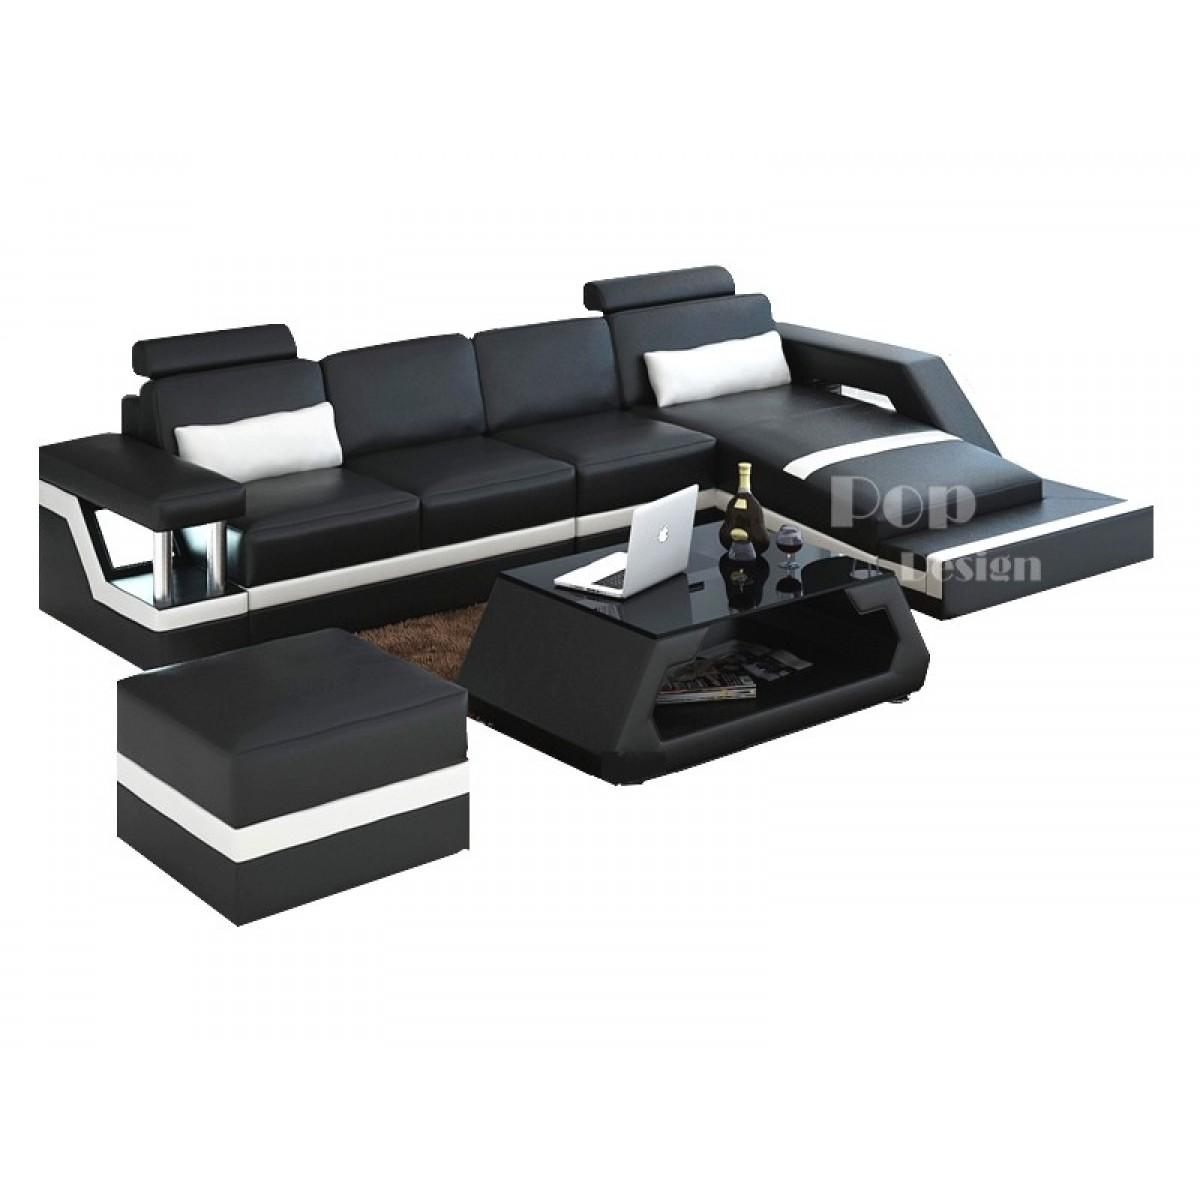 canap canap d angle luxe ambre r versible noir et gris. Black Bedroom Furniture Sets. Home Design Ideas